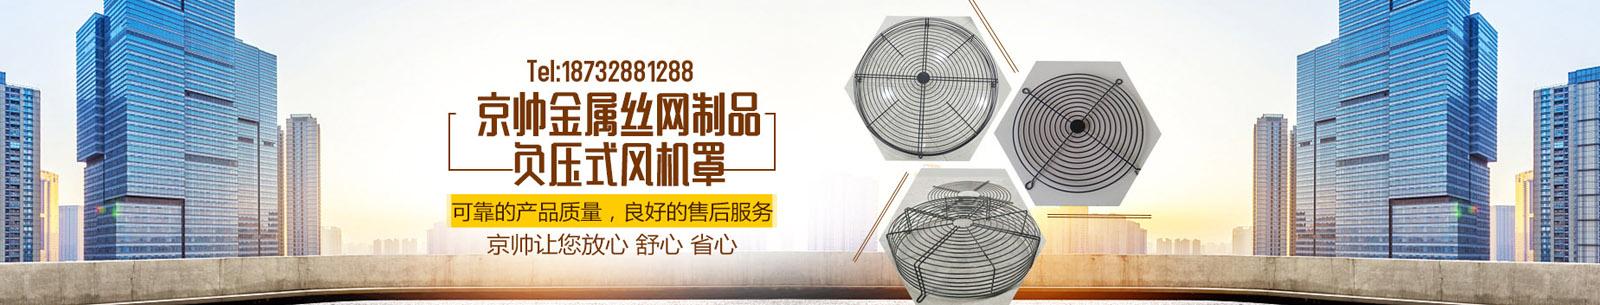 河北京帅金属丝网制品有限公司